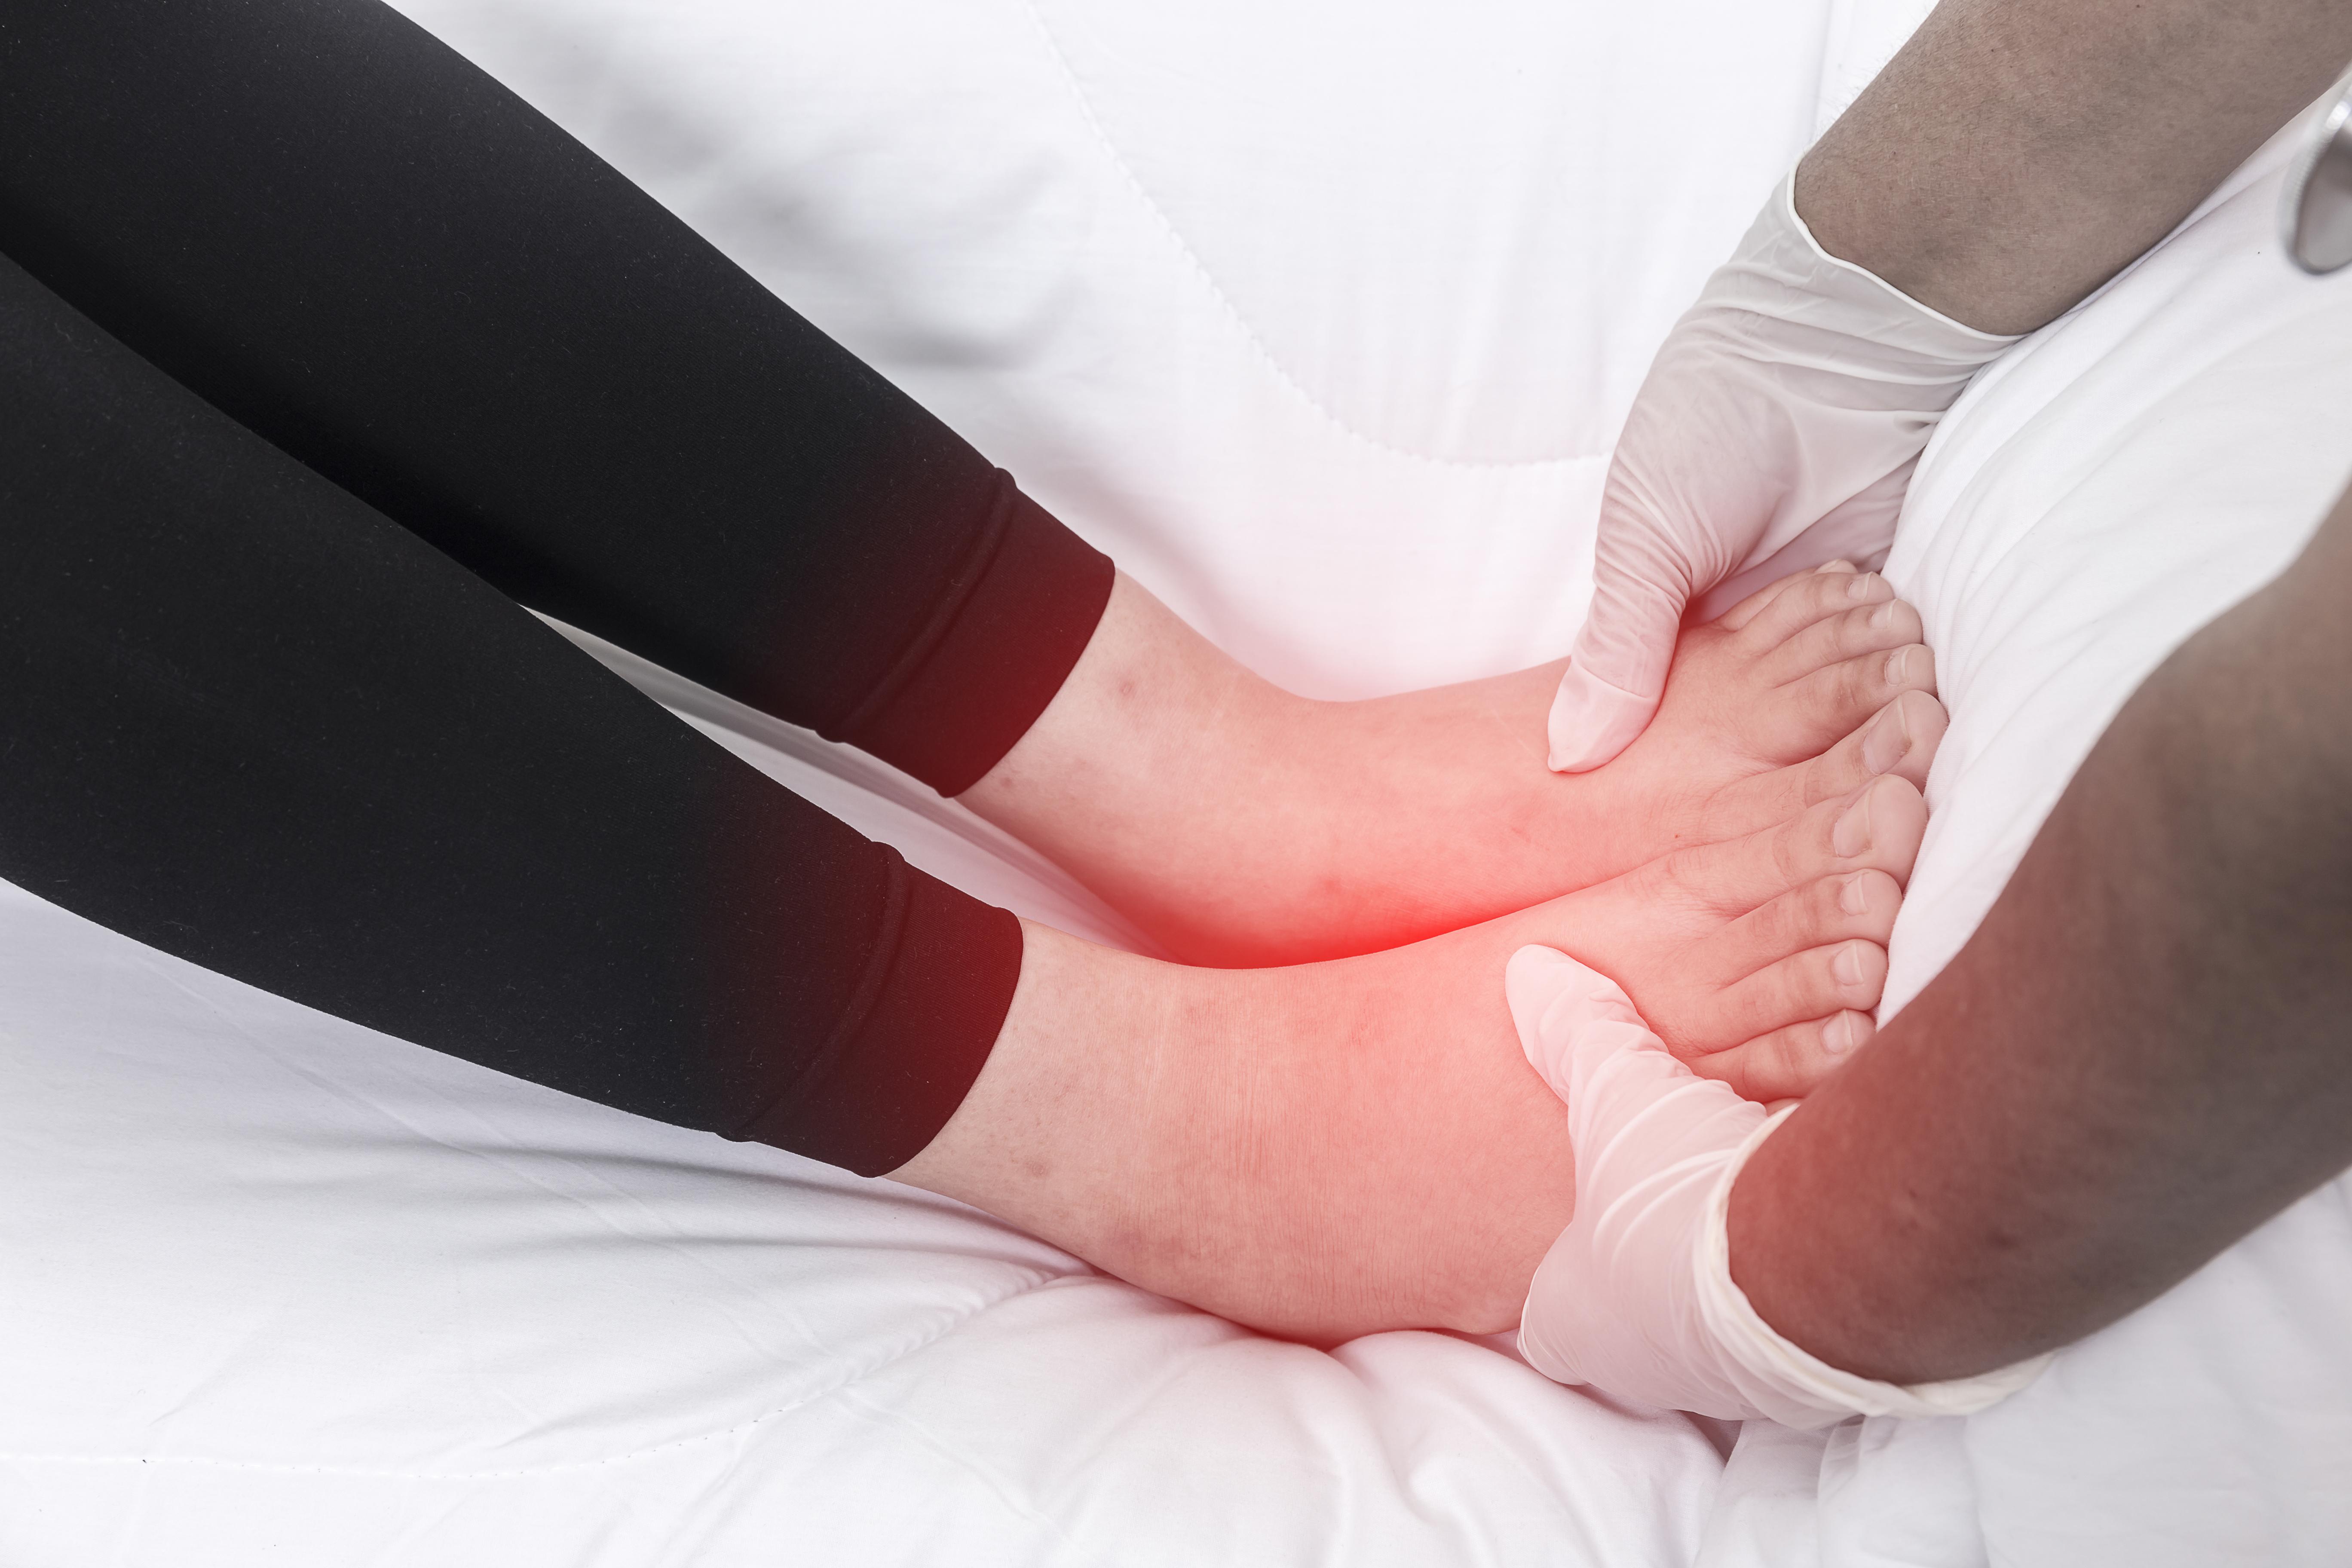 Bacaktaki lenf nodu: yer, artış ve tedavinin nedenleri